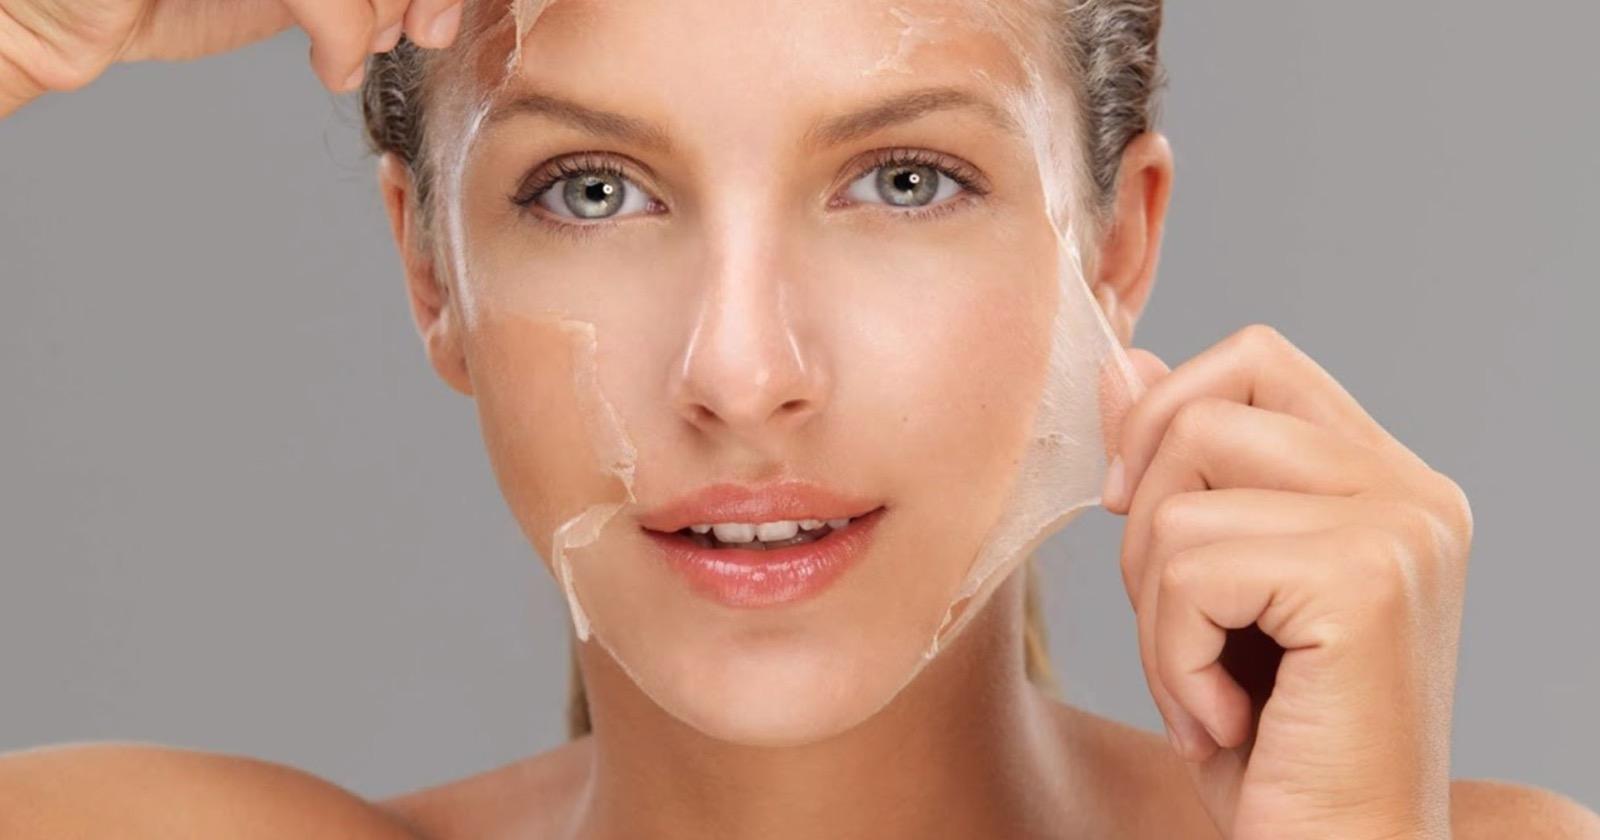 Особенности витаминных комплексов до омоложения кожи